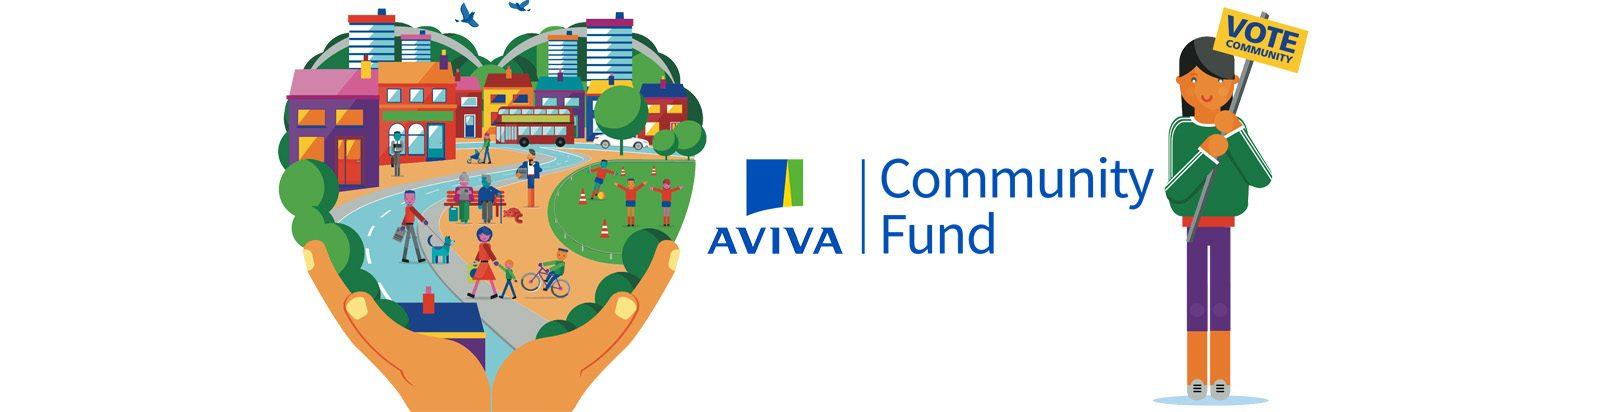 We've entered the Aviva Community Fund vote!